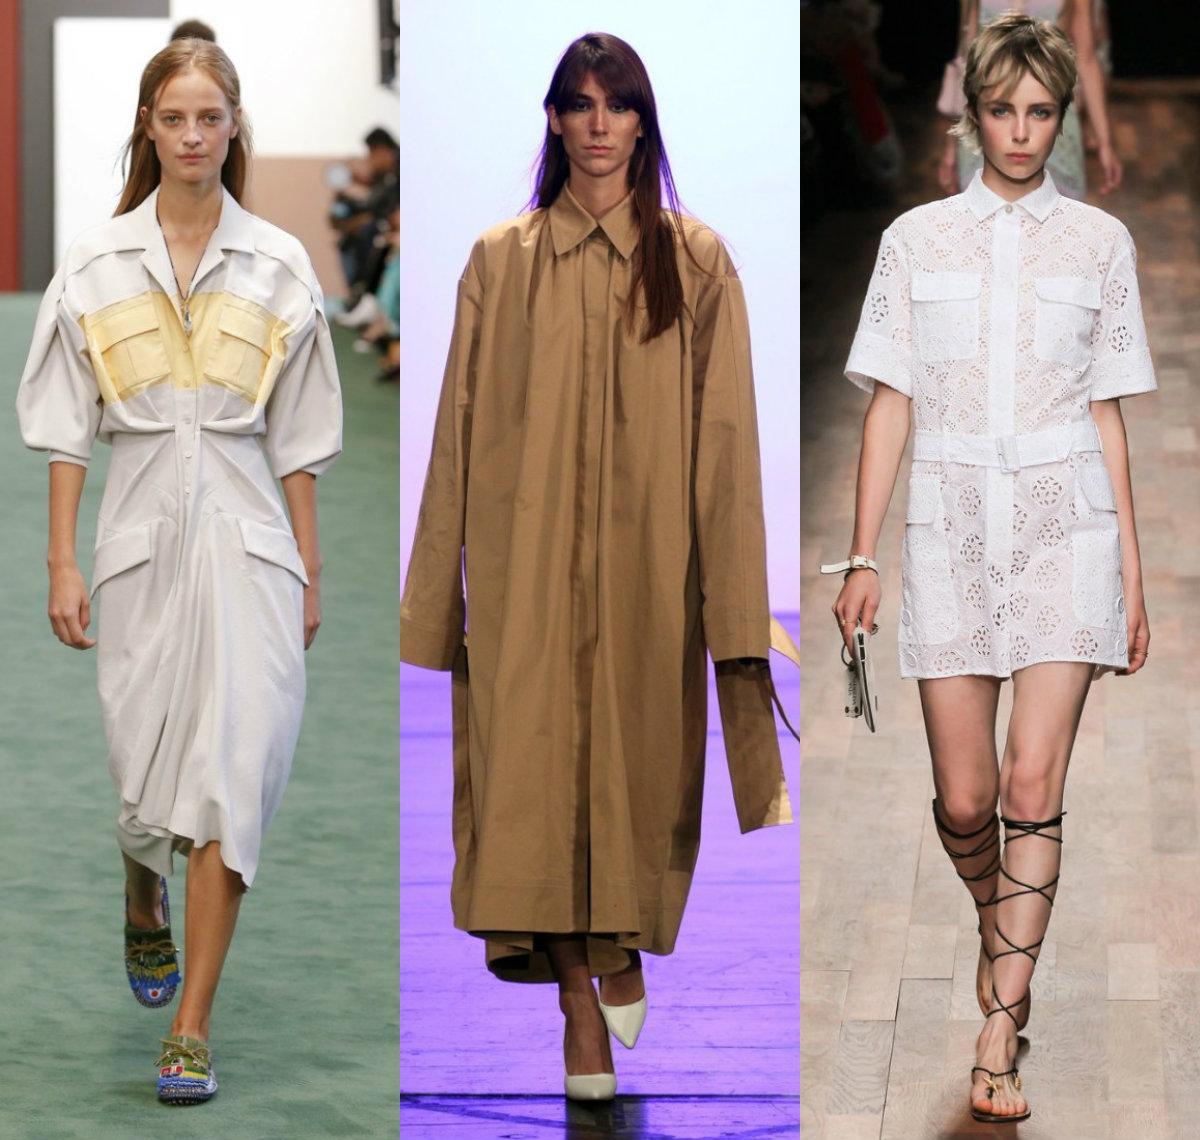 модные тенденции платьев 2018: платья рубашки